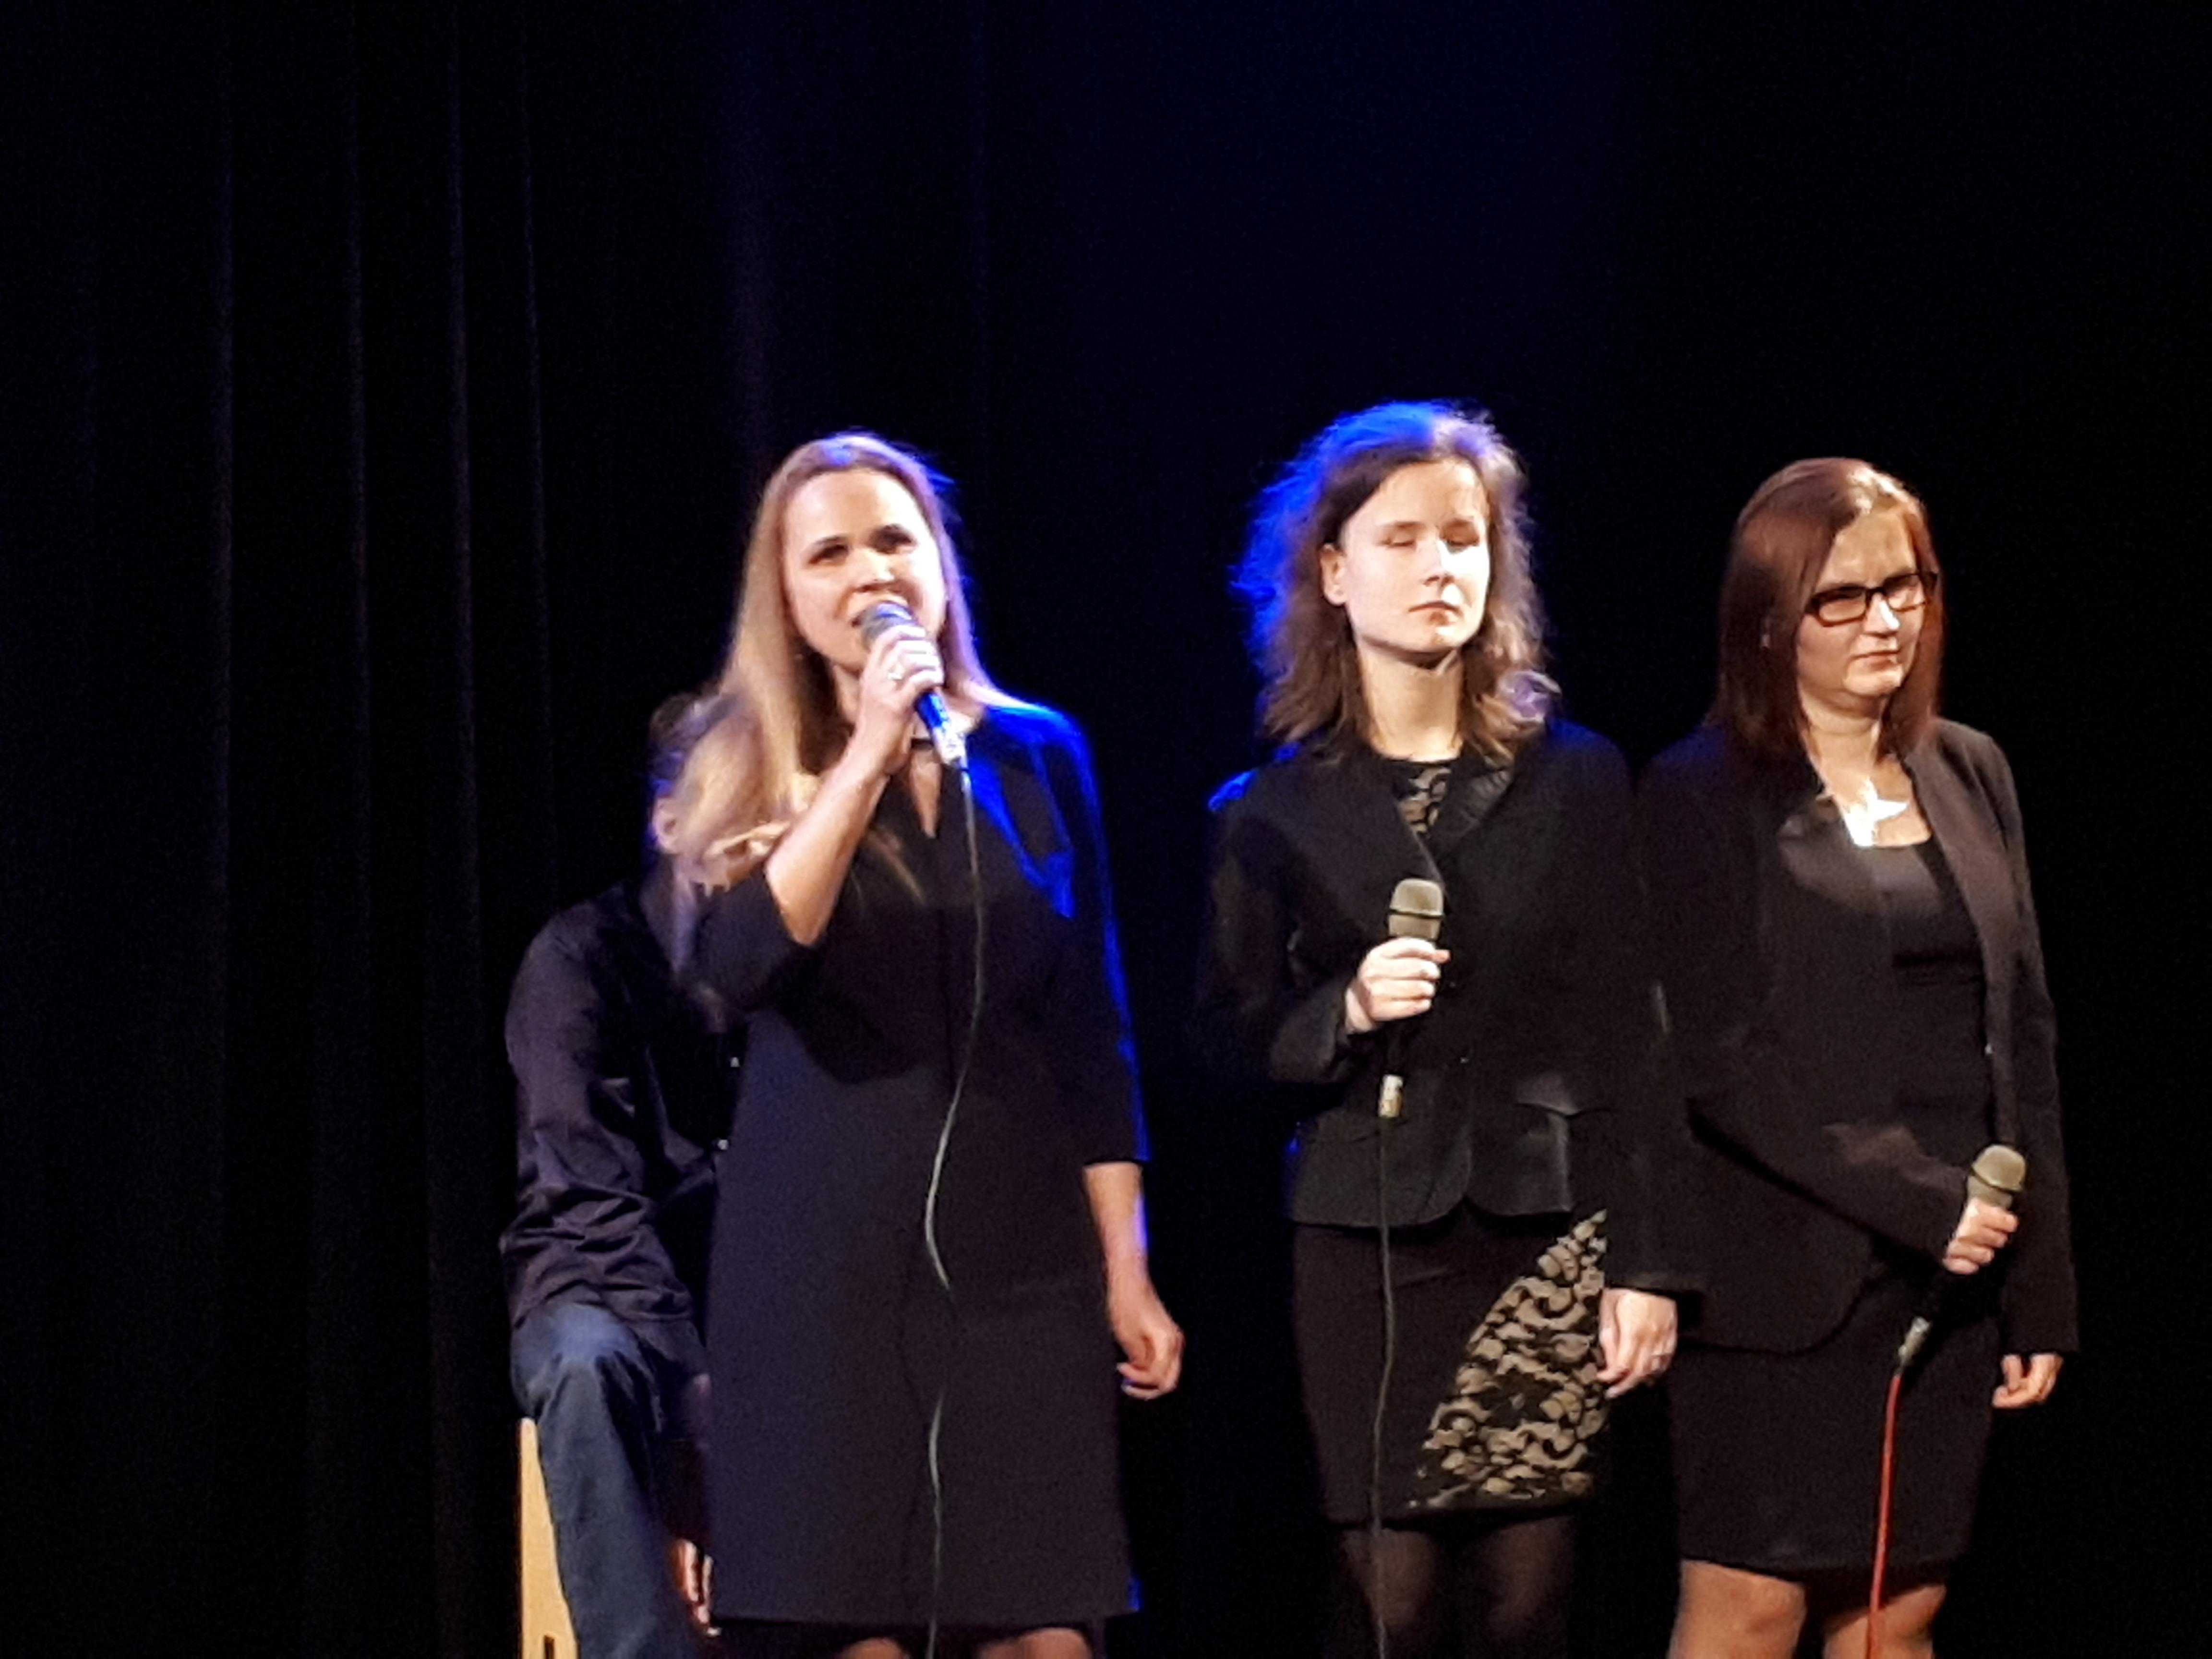 Trzy kobiety stoją, trzymają w rękach mikrofony. Jedna z nich śpiewa.